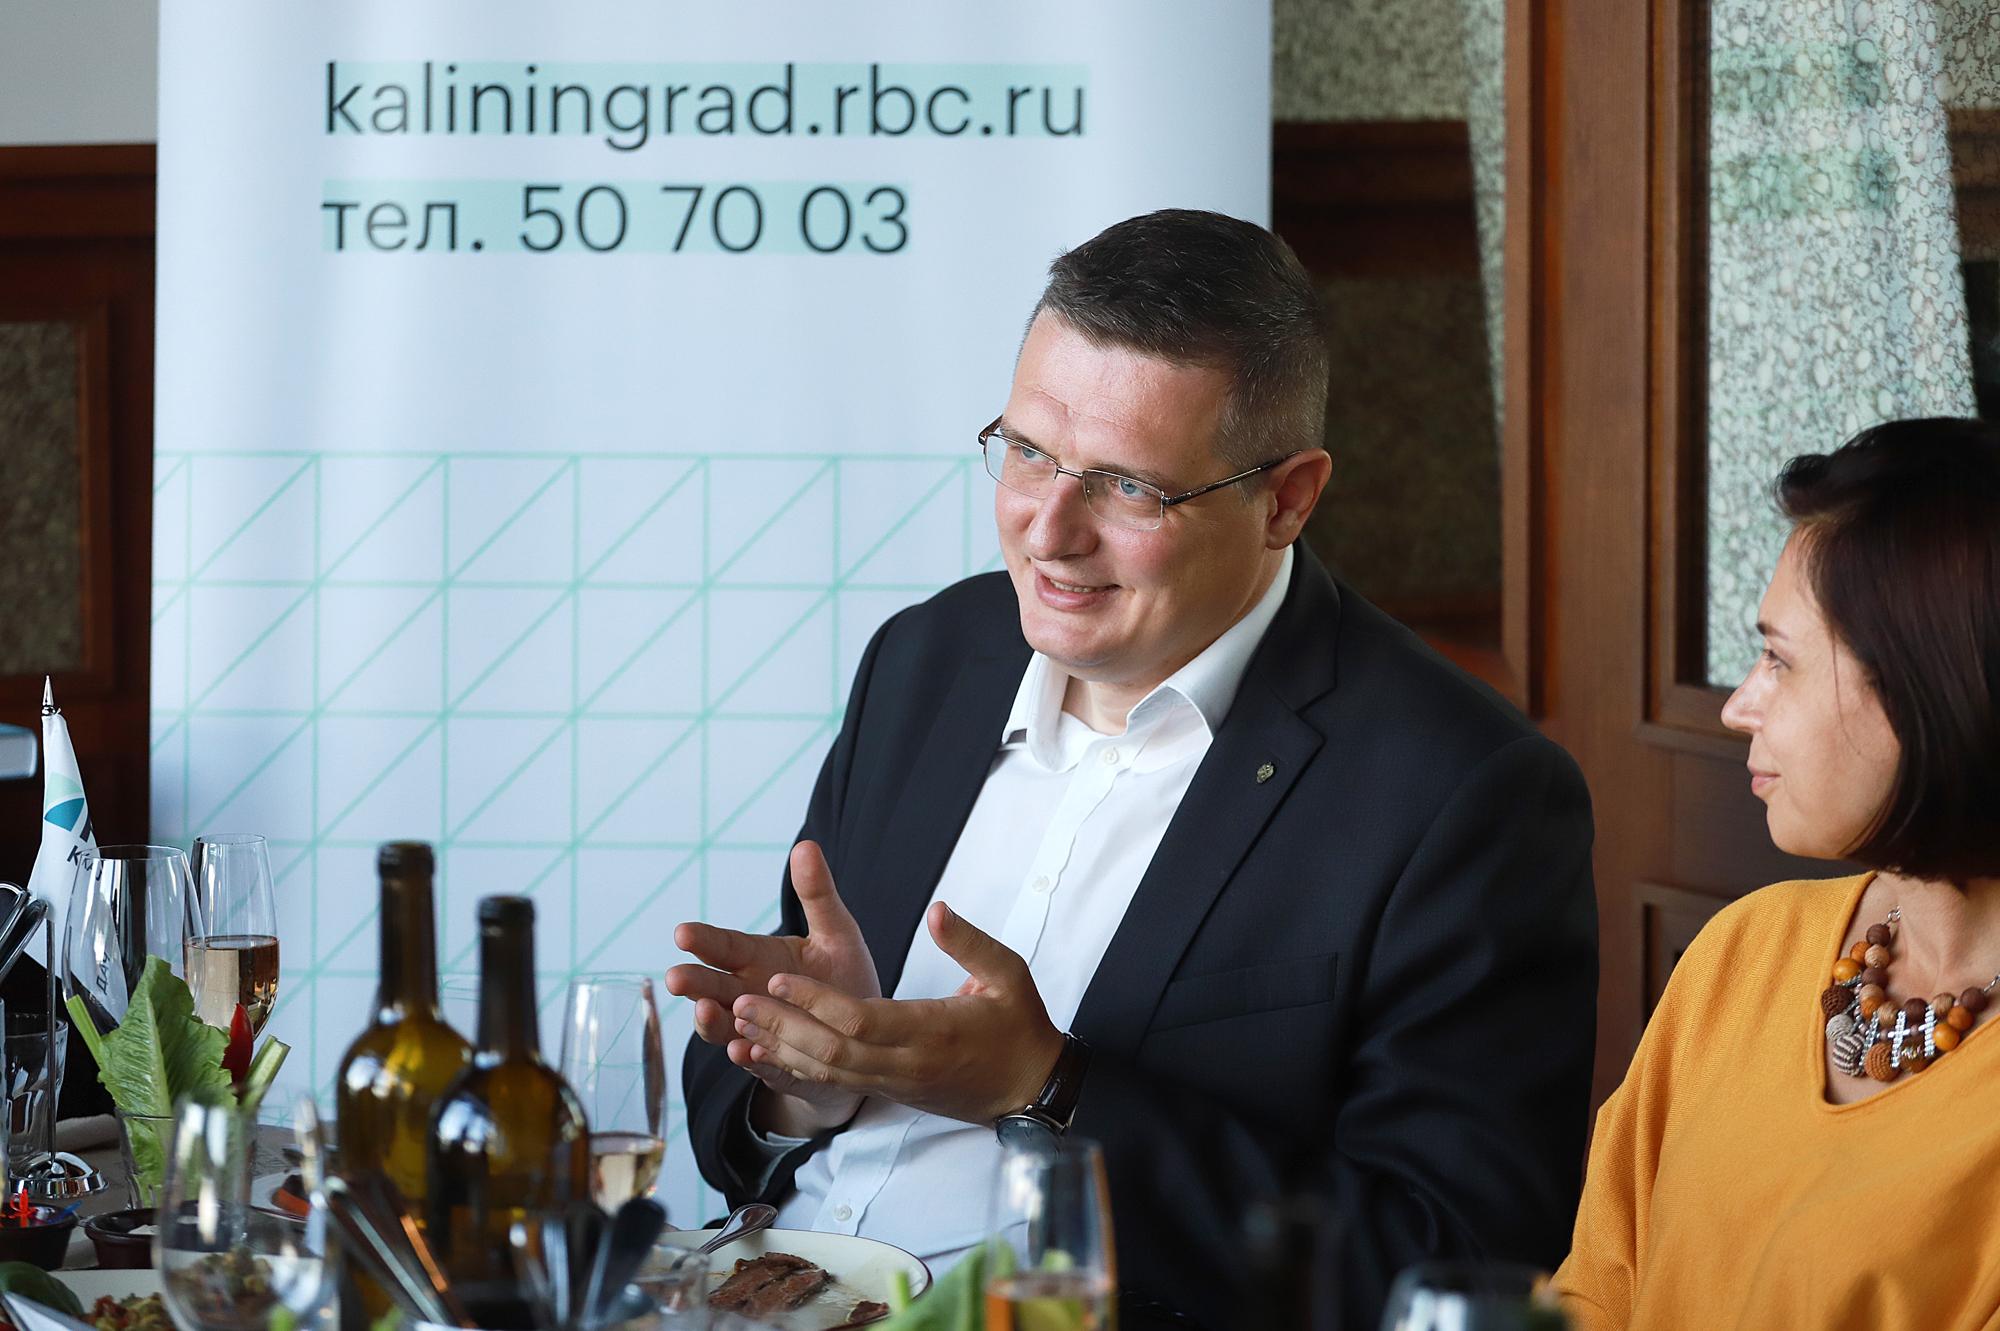 Фото:Заместитель генерального директора компании «Spar-Калининград» Алексей Елаев